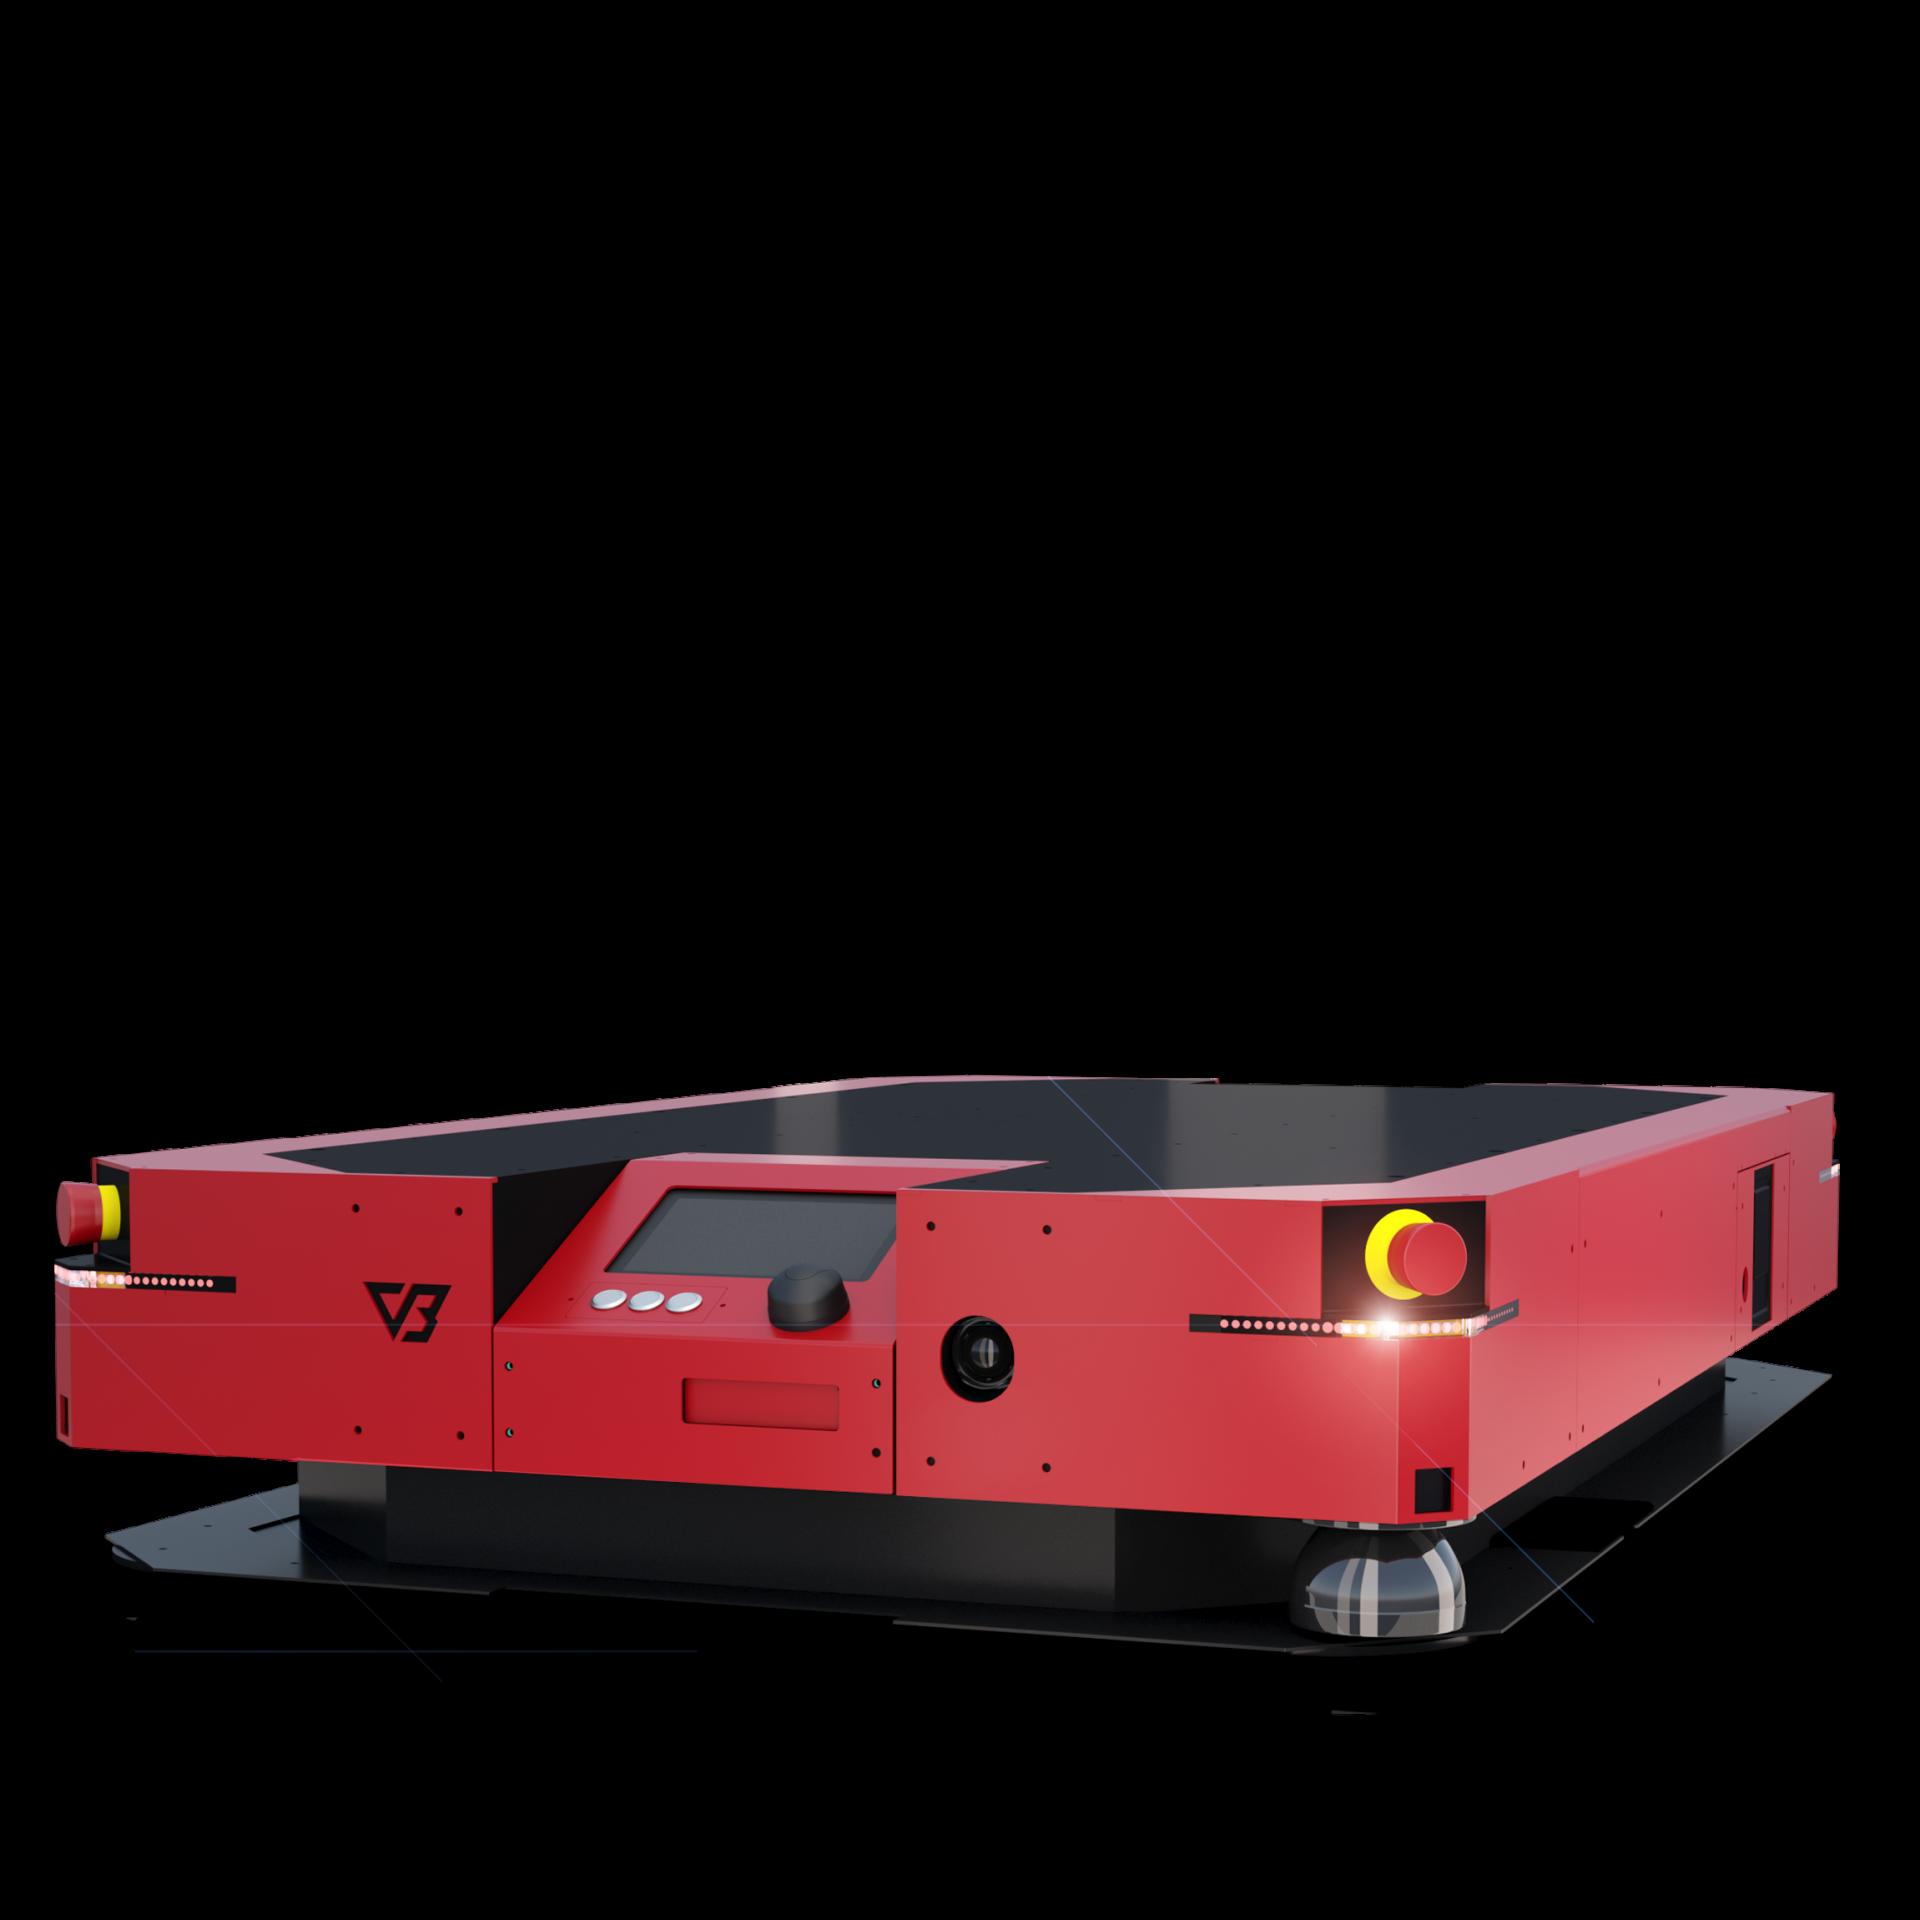 VERSABOT 1500 - Robot mobilny typu AMR o dużym udźwigu